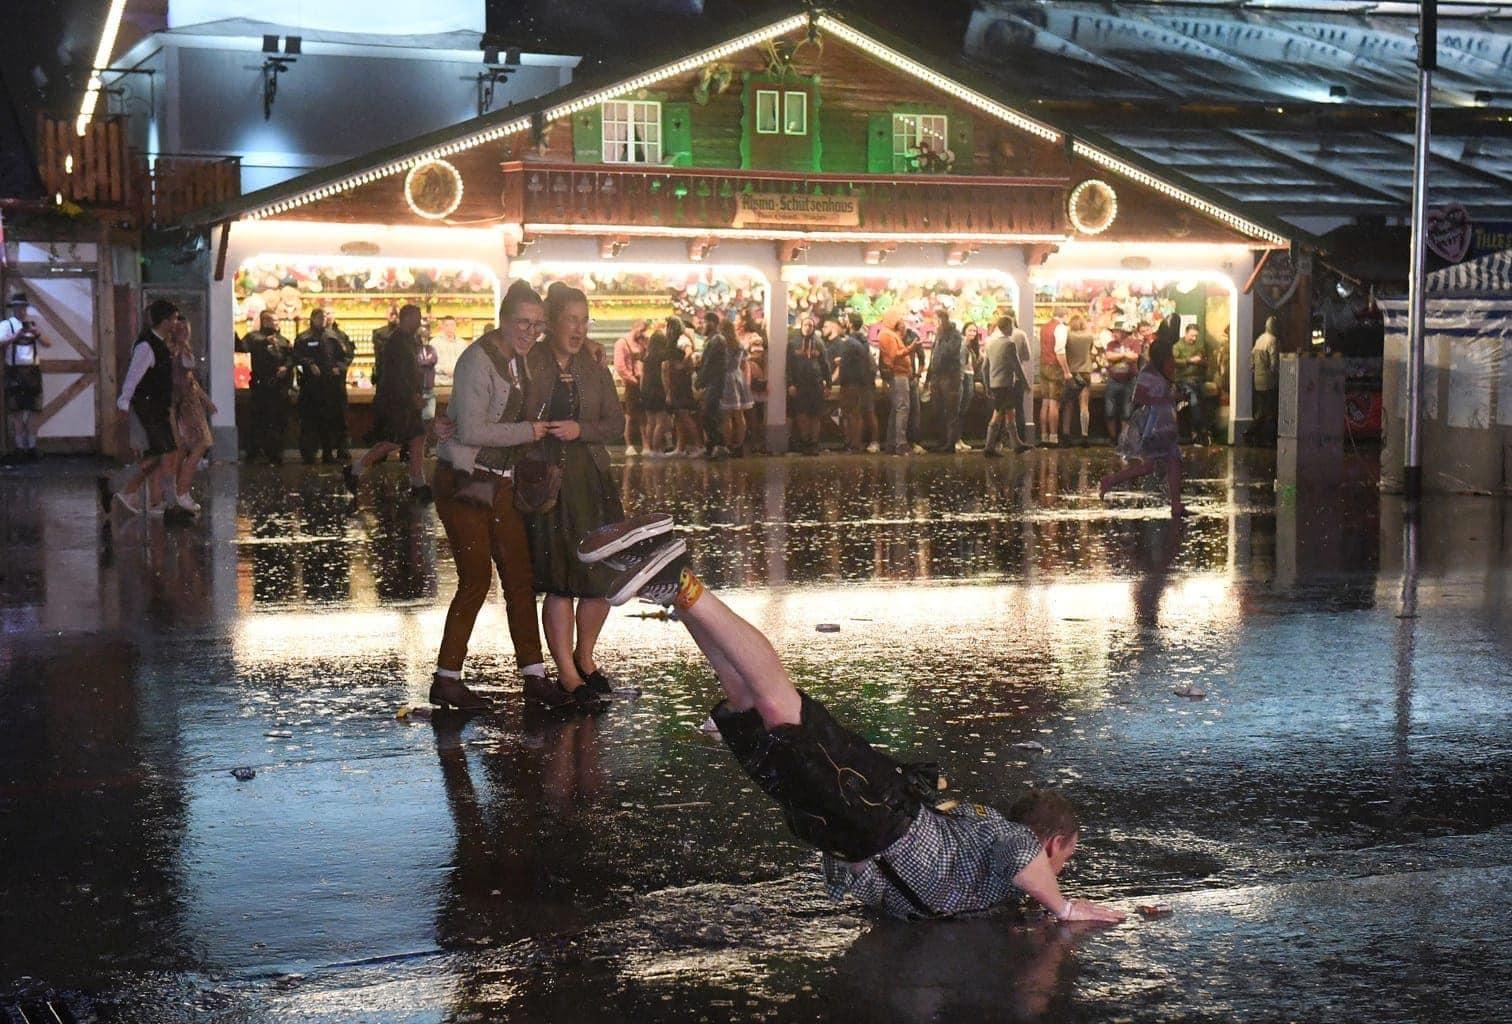 <p>Spektauklär: Dieser Wiesn-Besucher verwechselt Regenwasser mit Eis und wähnt sich auf einer Rodelbahn.</p> Foto: dpa